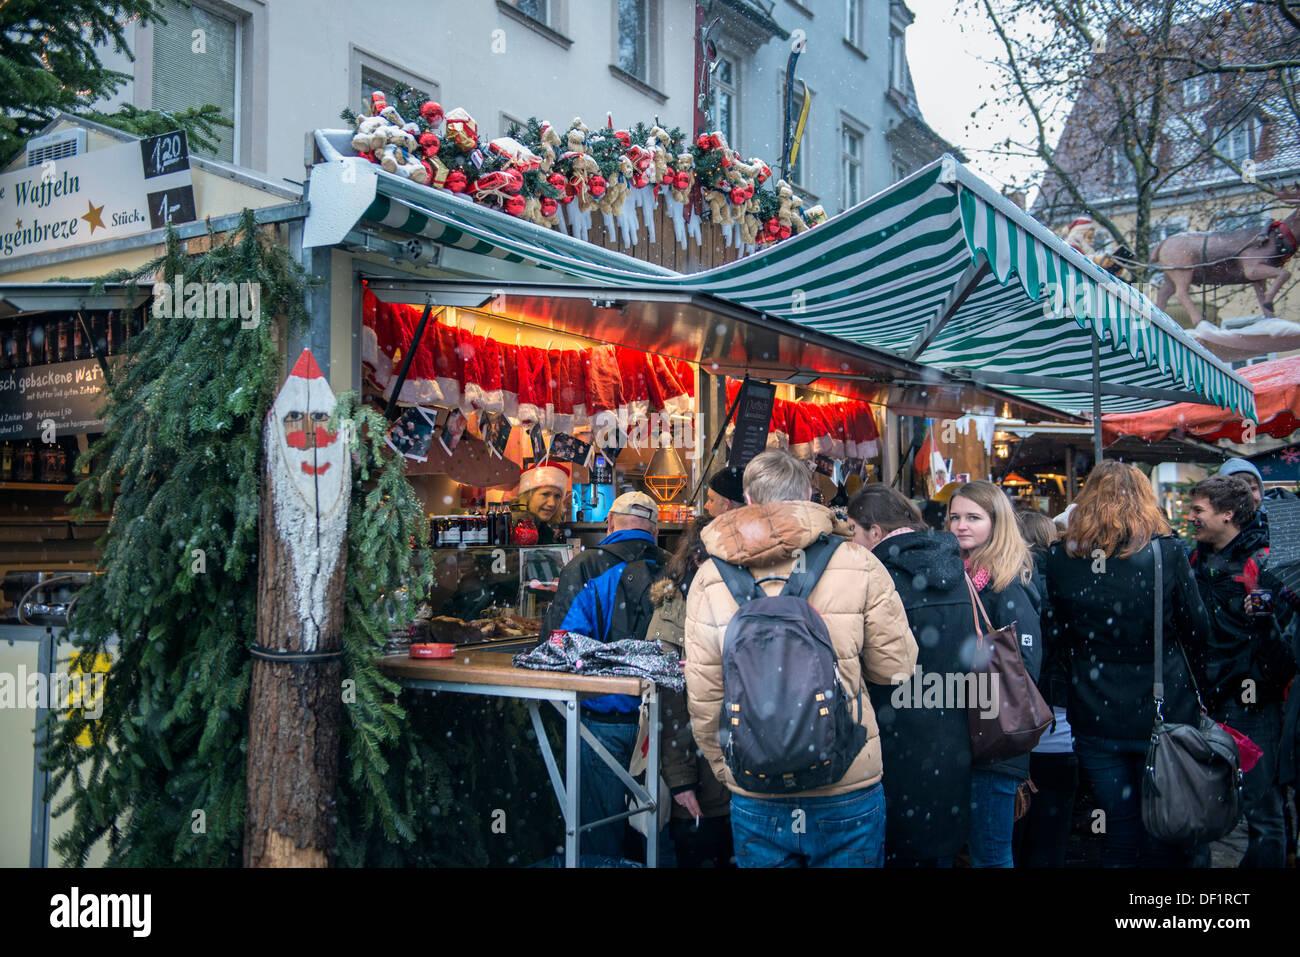 Weihnachtsmarkt Bamberg.Menschen Beim Einkaufen Auf Weihnachtsmarkt Bamberg Deutschland